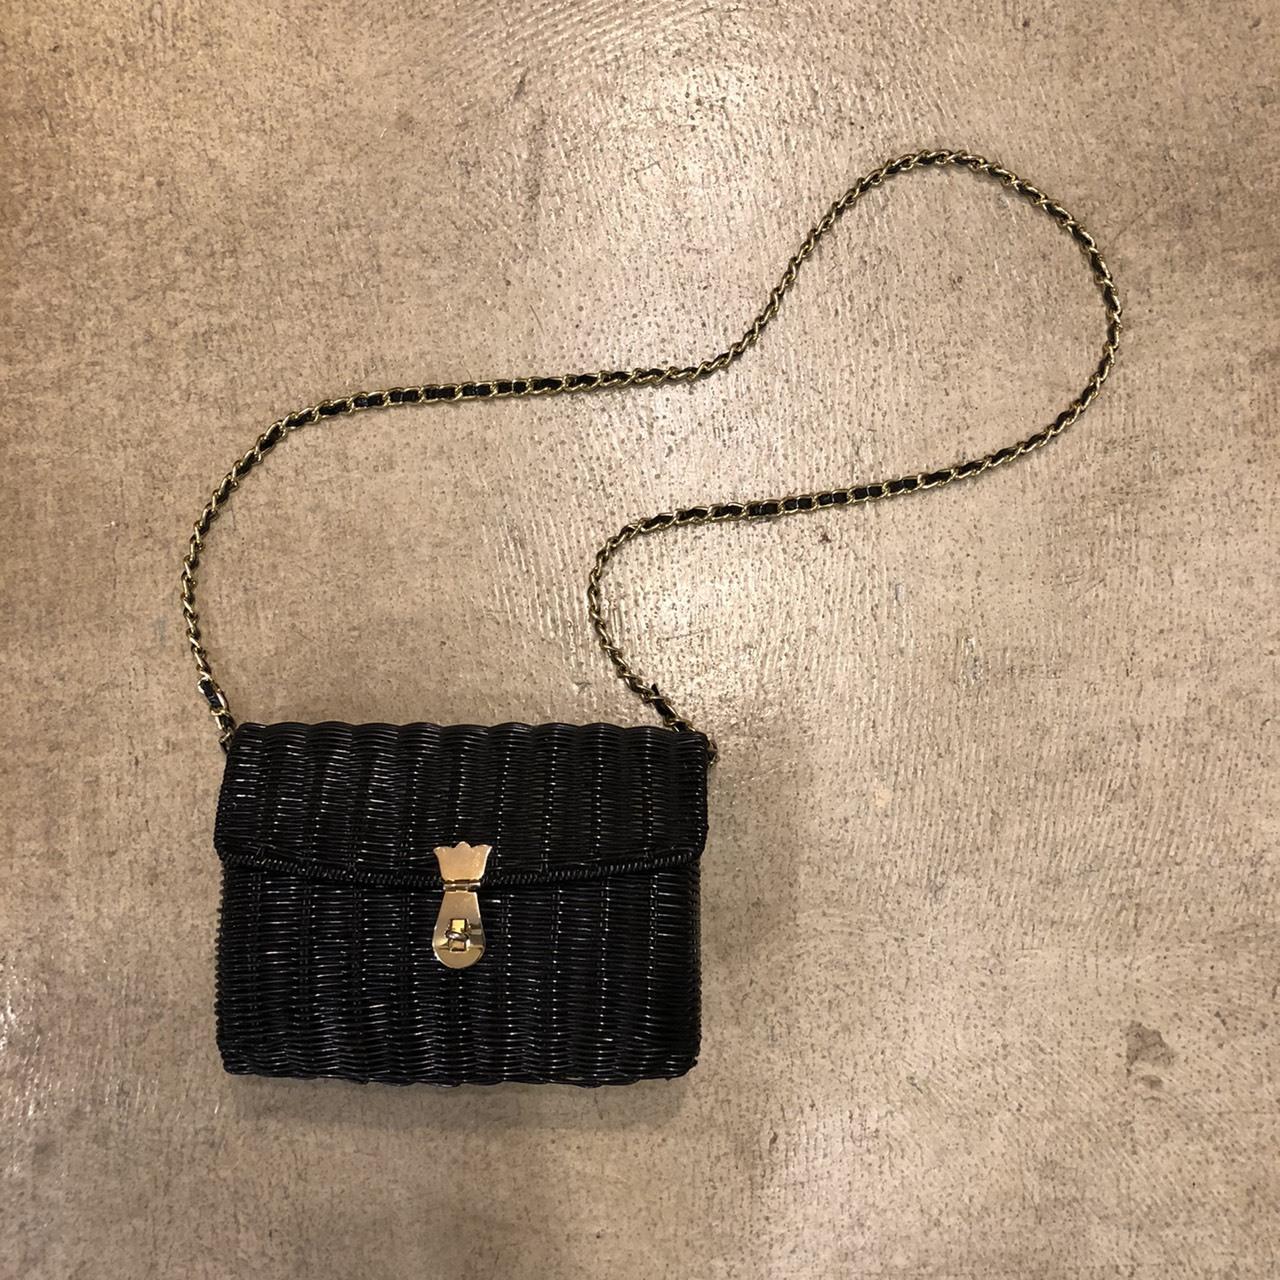 Basket Type Shoulder Bag ¥5,400+tax